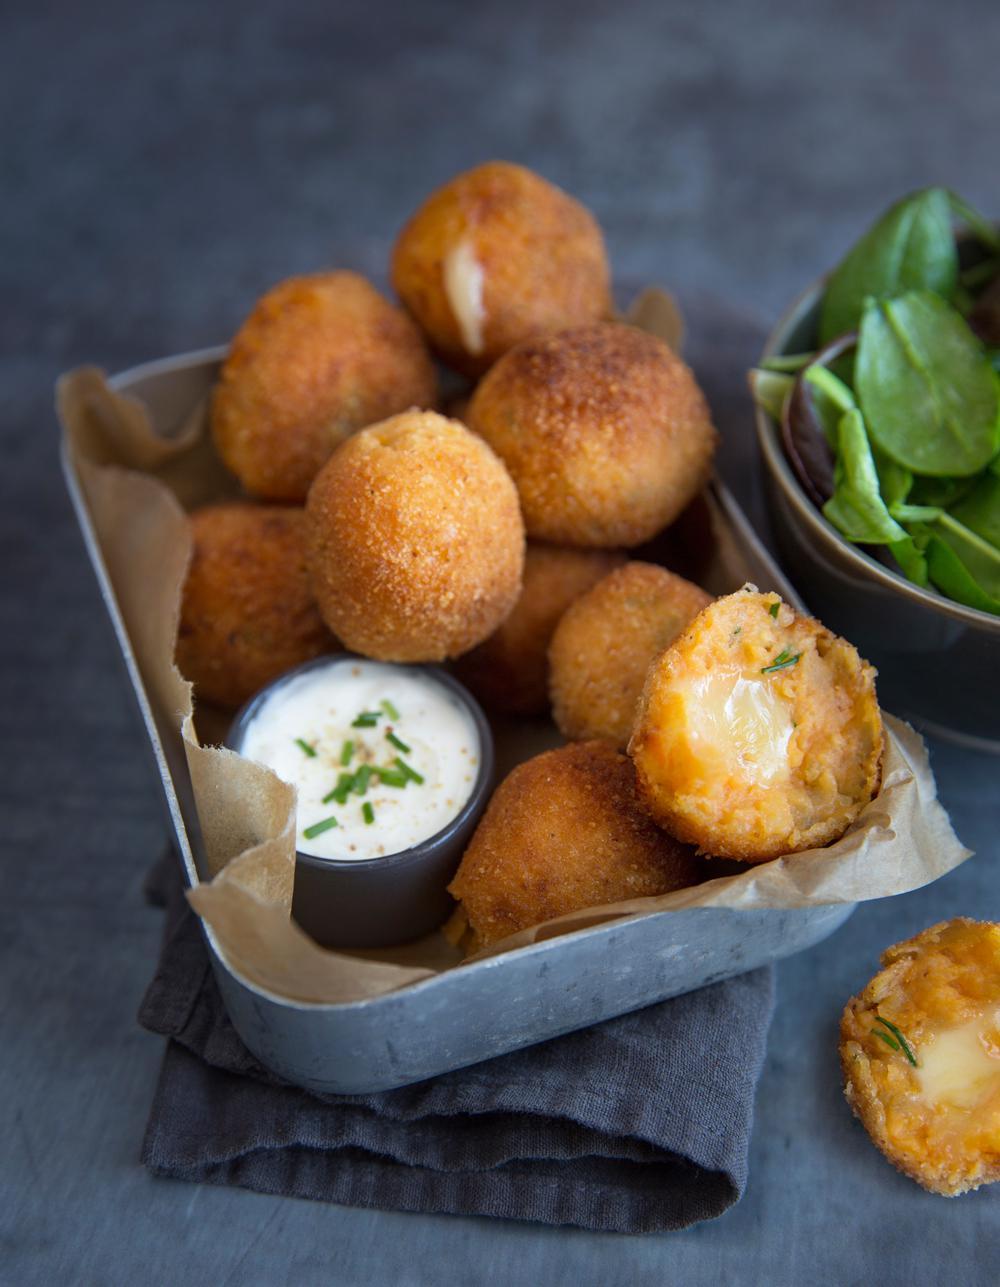 Croquettes De Patate Douce à La Raclette Pour Personnes - Cuisiner les patates douces